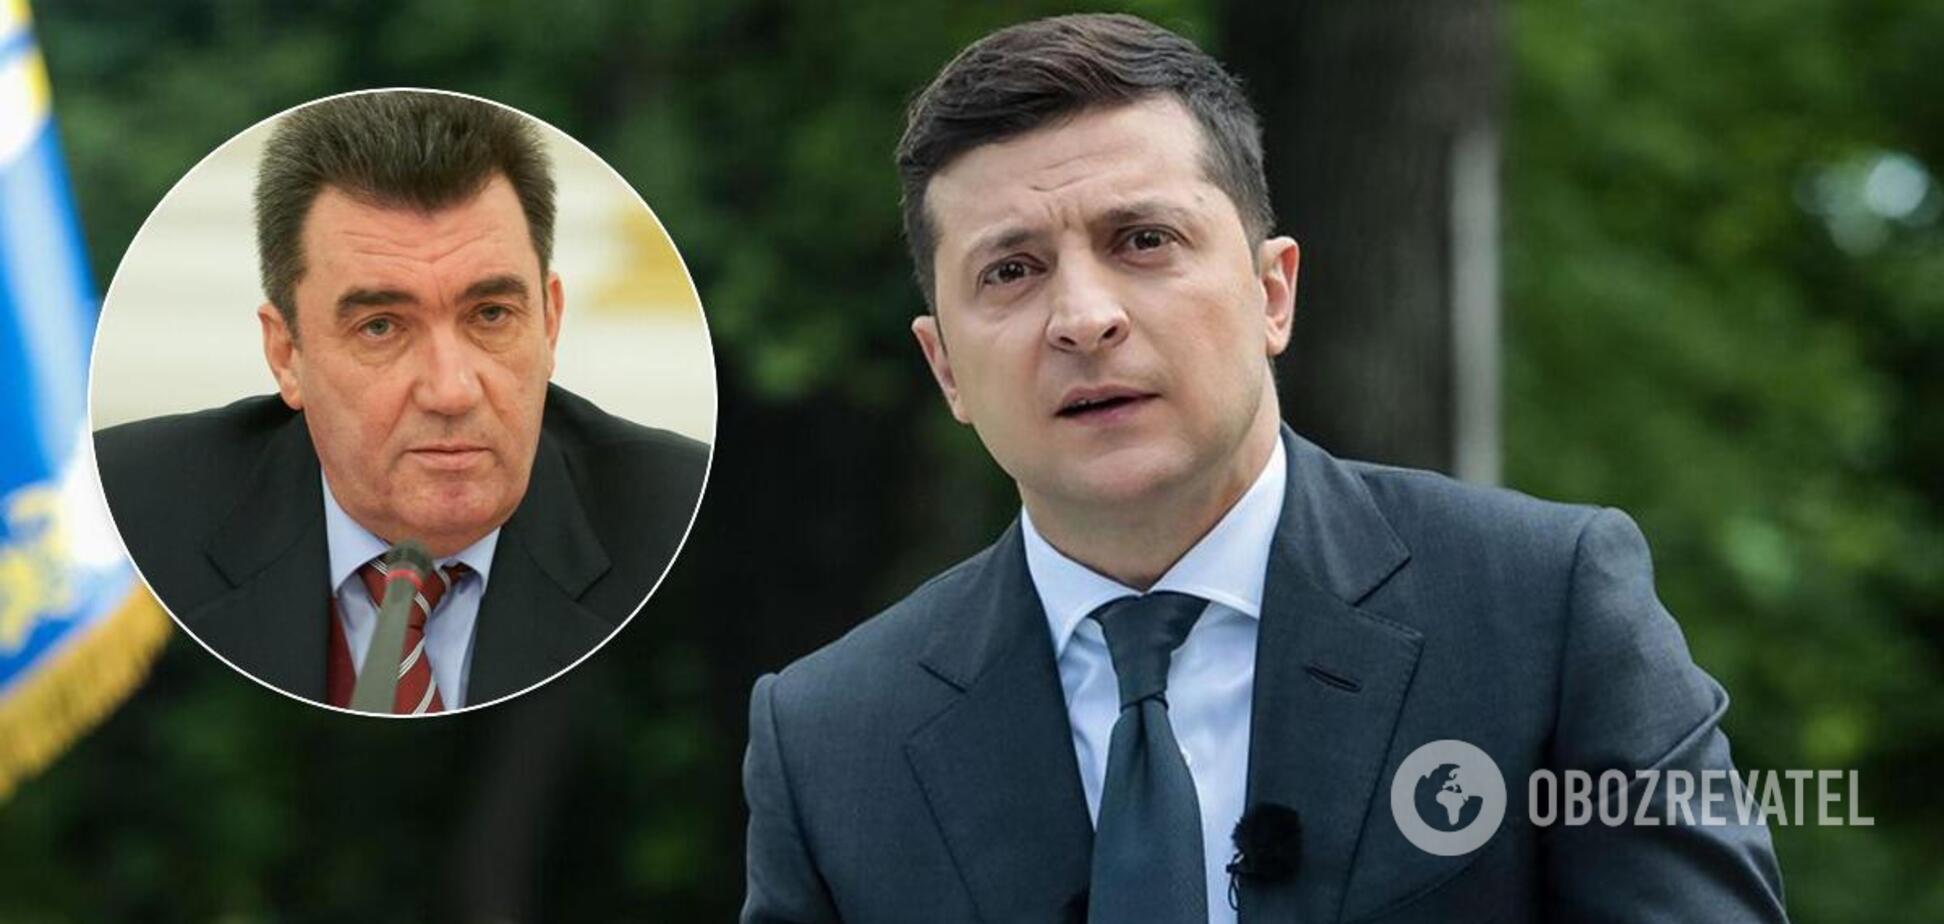 Алексей Данилов назвал Владимира Зеленского другим человеком